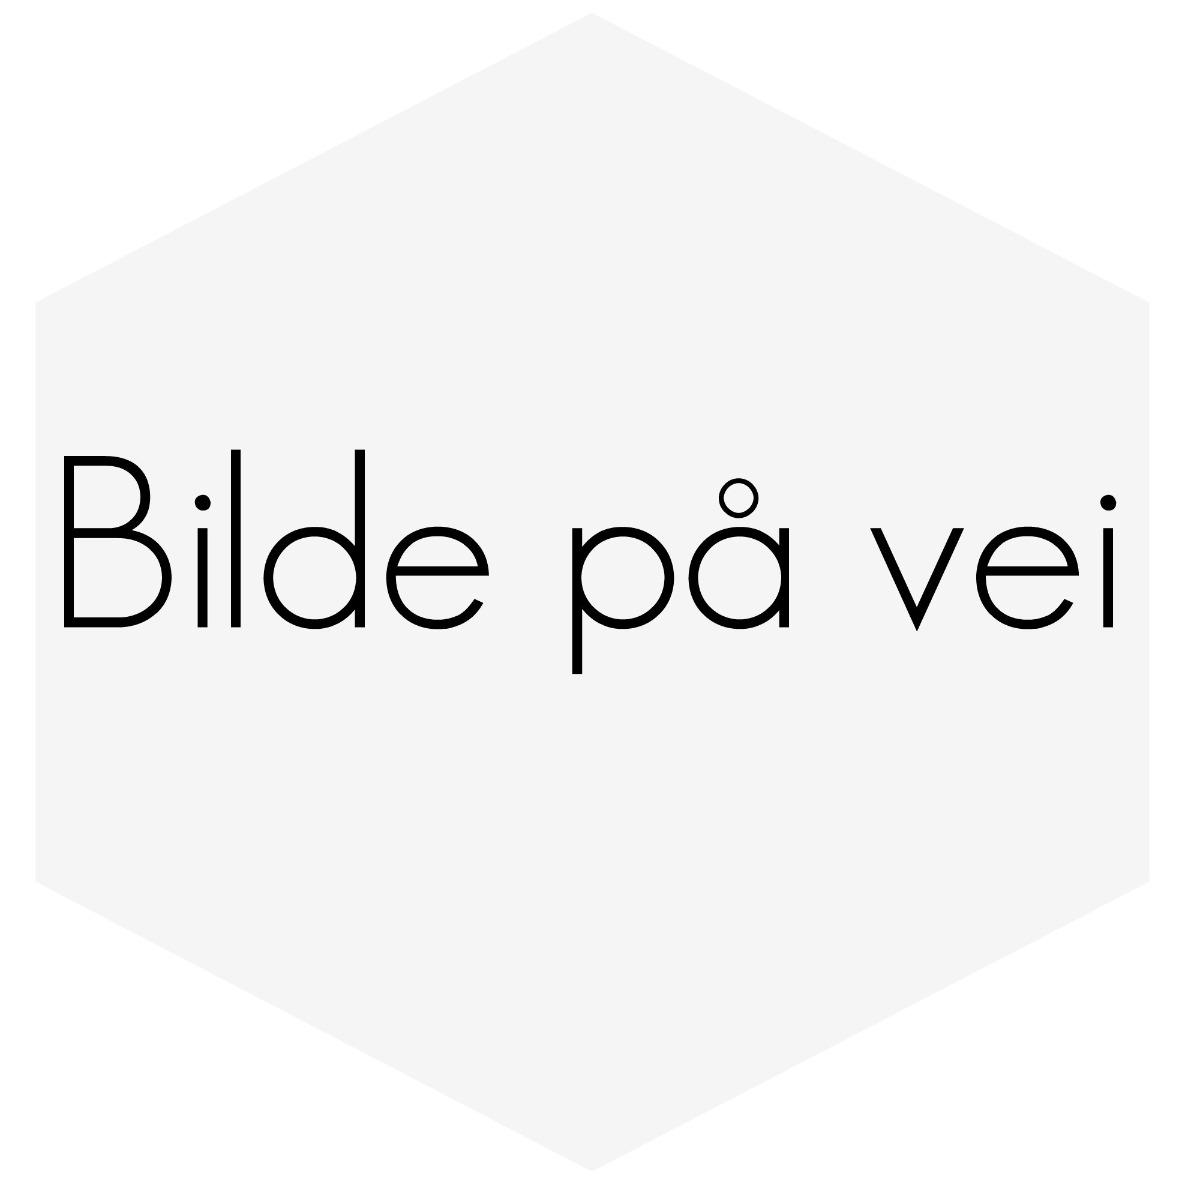 FELG ALU 8,5X18 5PÅ108 ET16,KJENT SOM MK18  PRIS STK BLANK